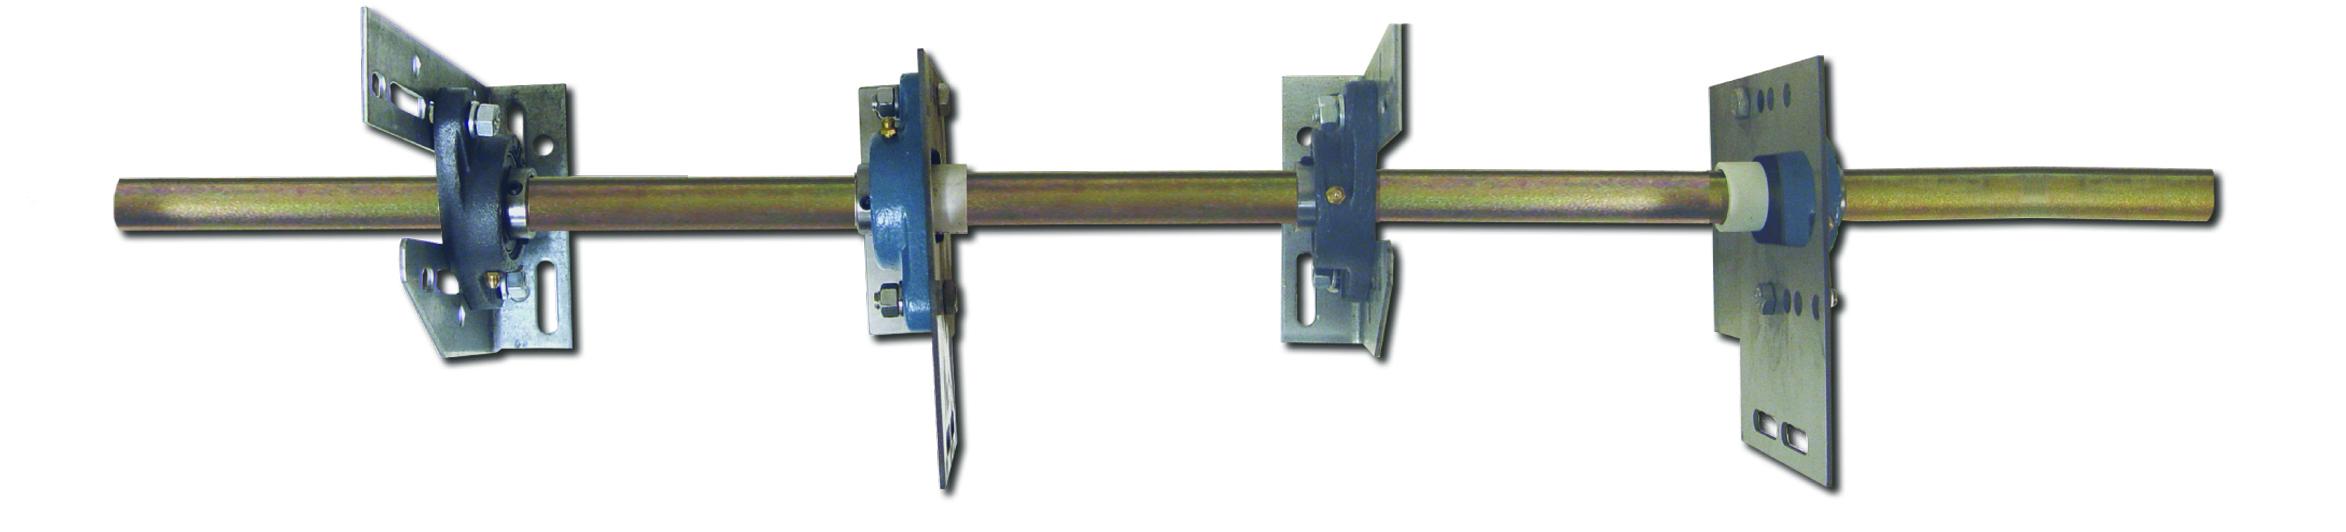 shaft-for-strapeze.jpg